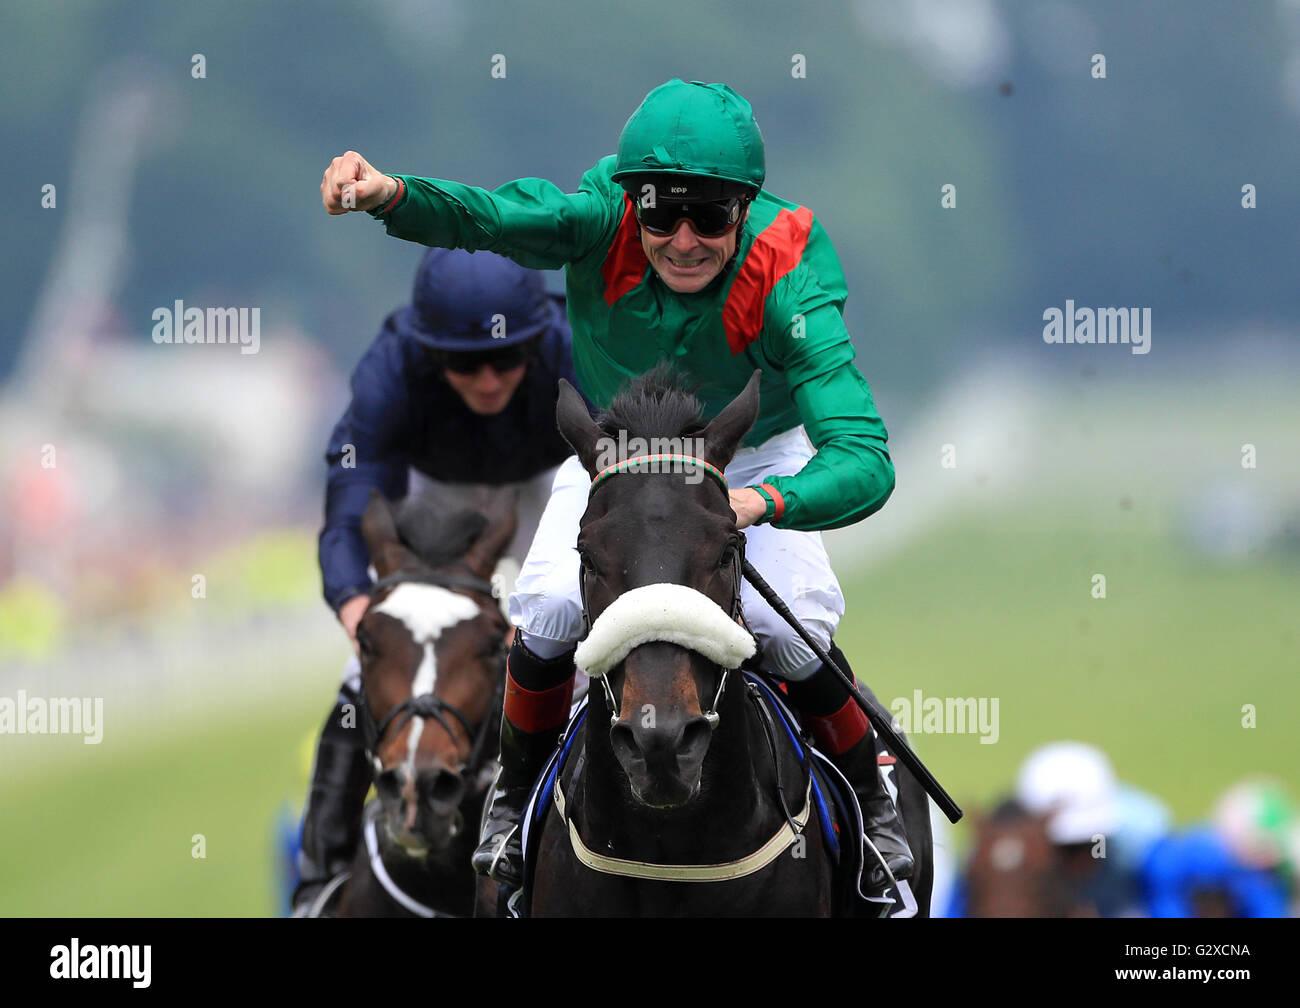 Harzand cavalcato da fantino Pat Smullen vince il derby Investec (gruppo 1) durante il Derby giorno del 2016 Investec Immagini Stock